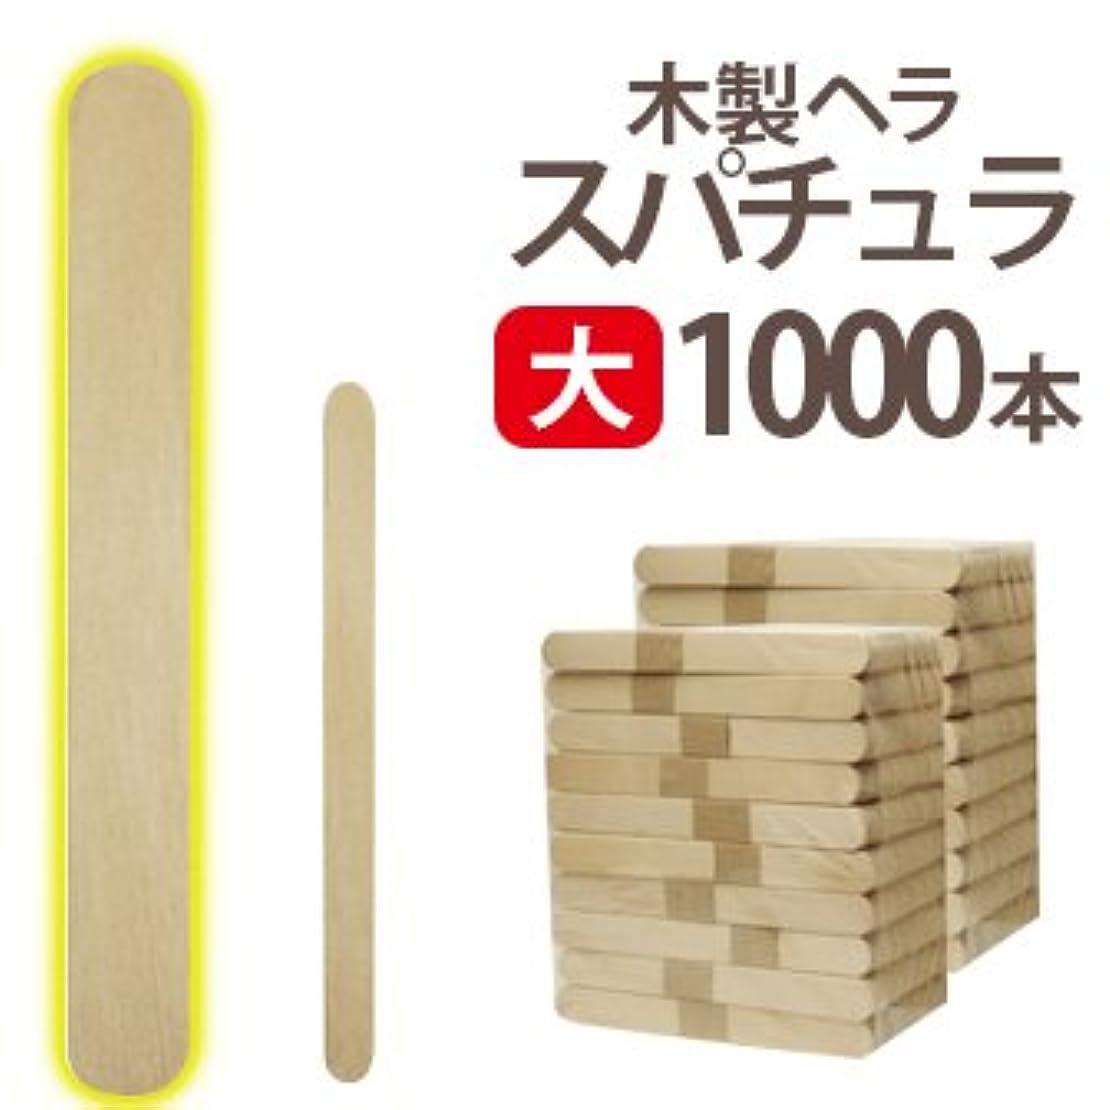 飢饉コンテンツブレイズ大 ブラジリアンワックス 業務用1000本 スパチュラ Aタイプ(個別梱包なし 150×16)